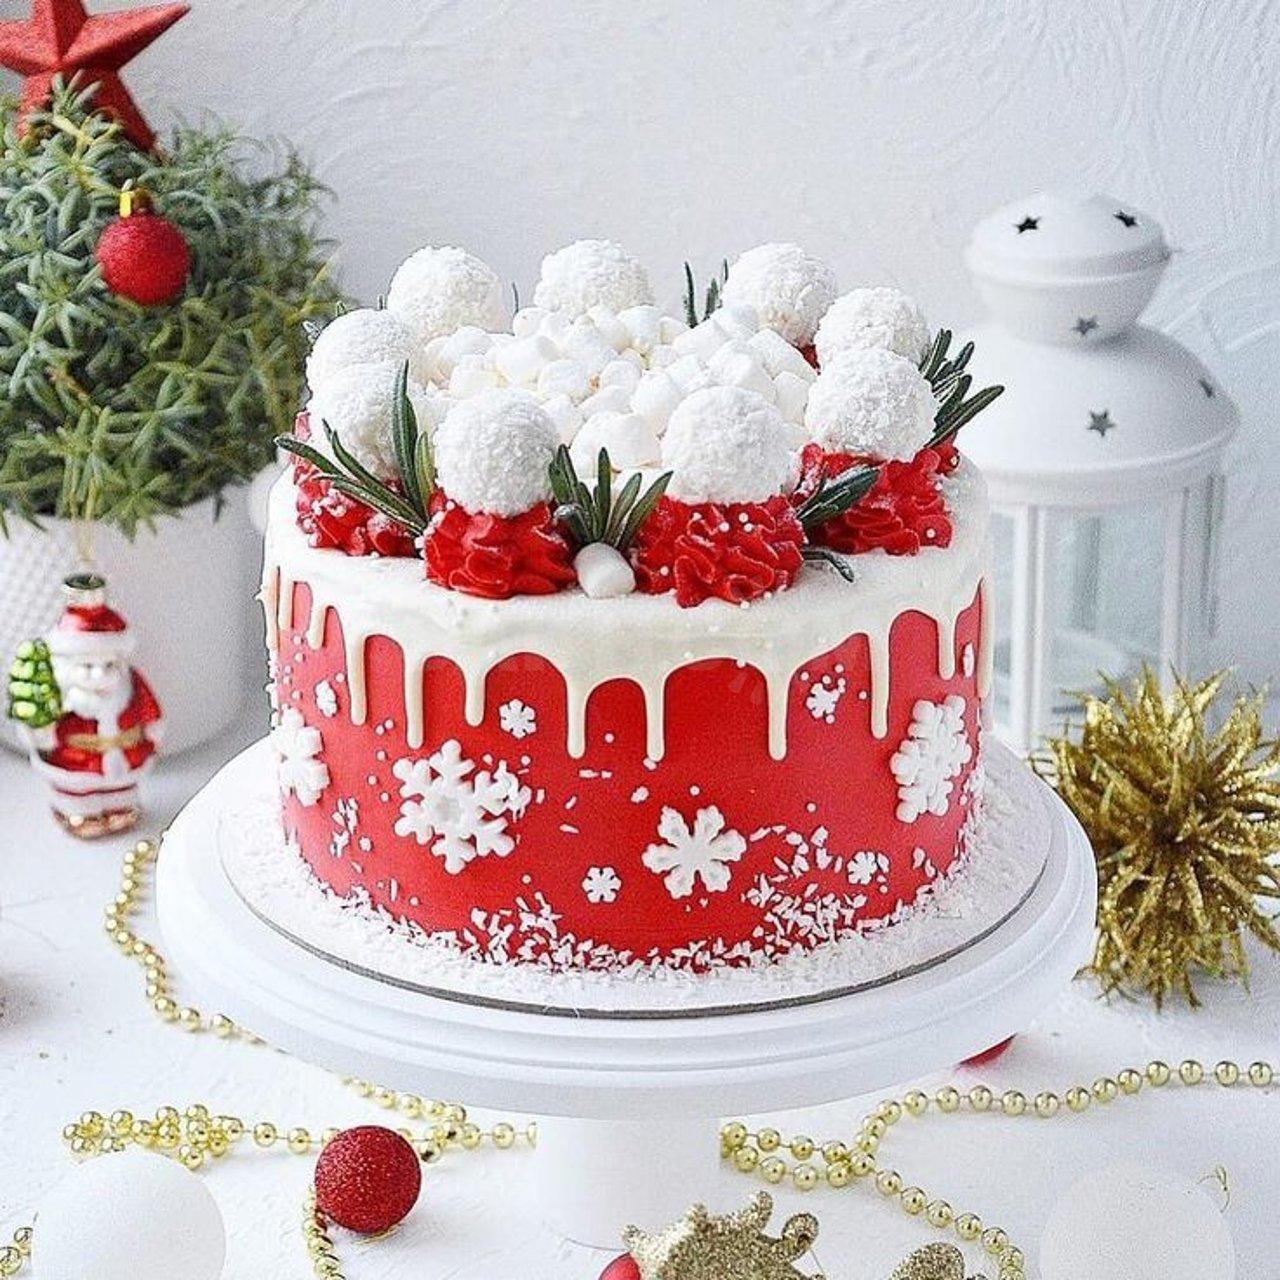 Как испечь и украсить торт на новый год. рецепты вкусных новогодних тортов с фото, описанием и видео | inwomen